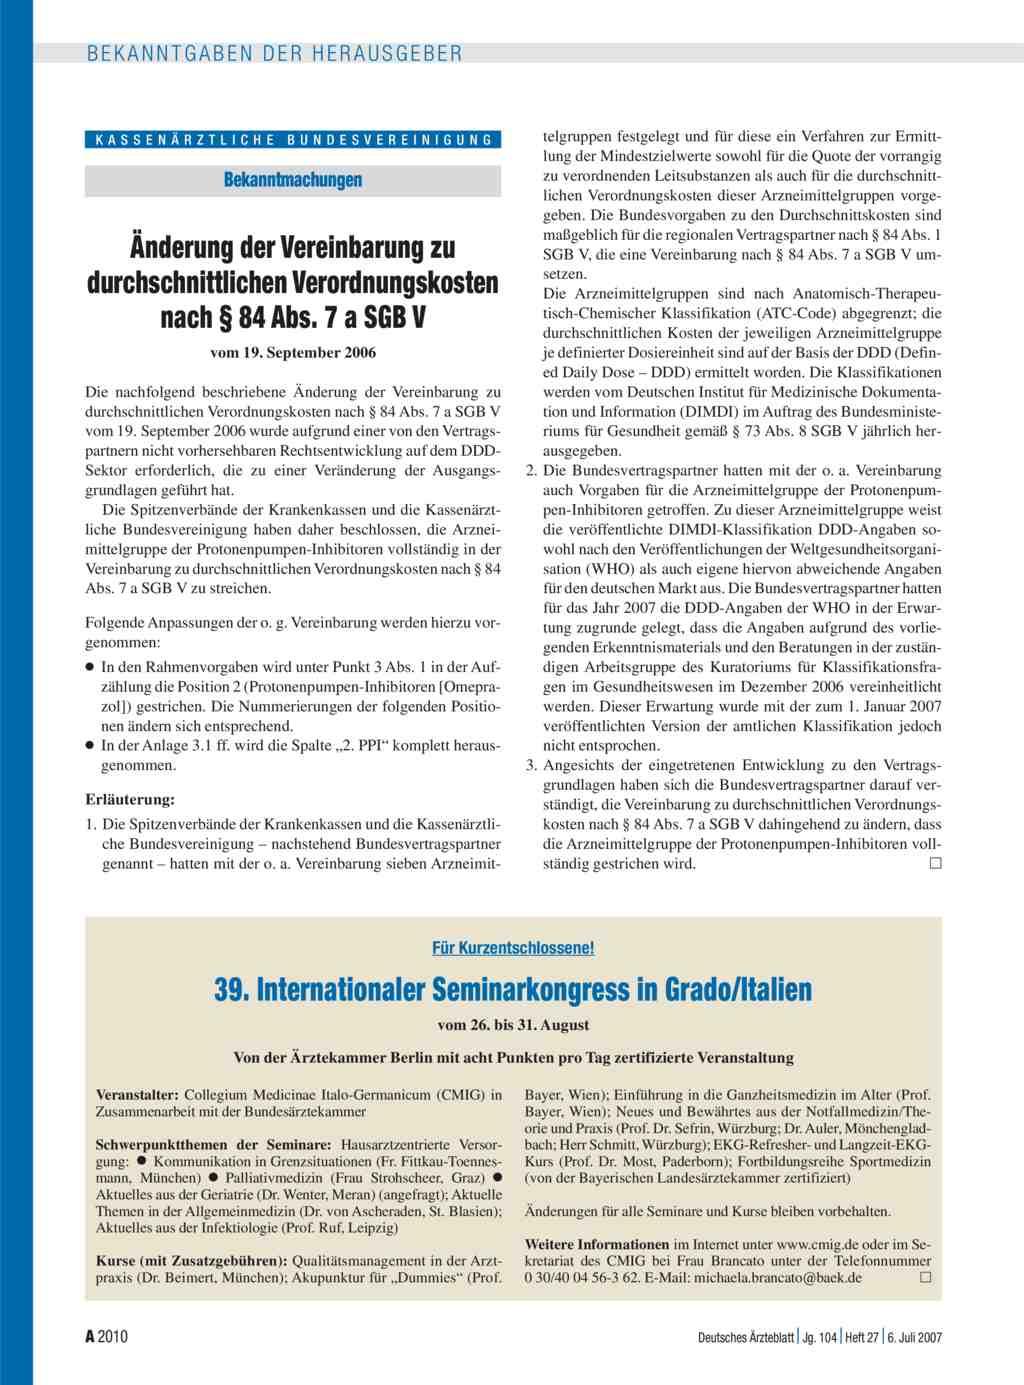 änderung Der Vereinbarung Zu Durchschnittlichen Verordnungskosten